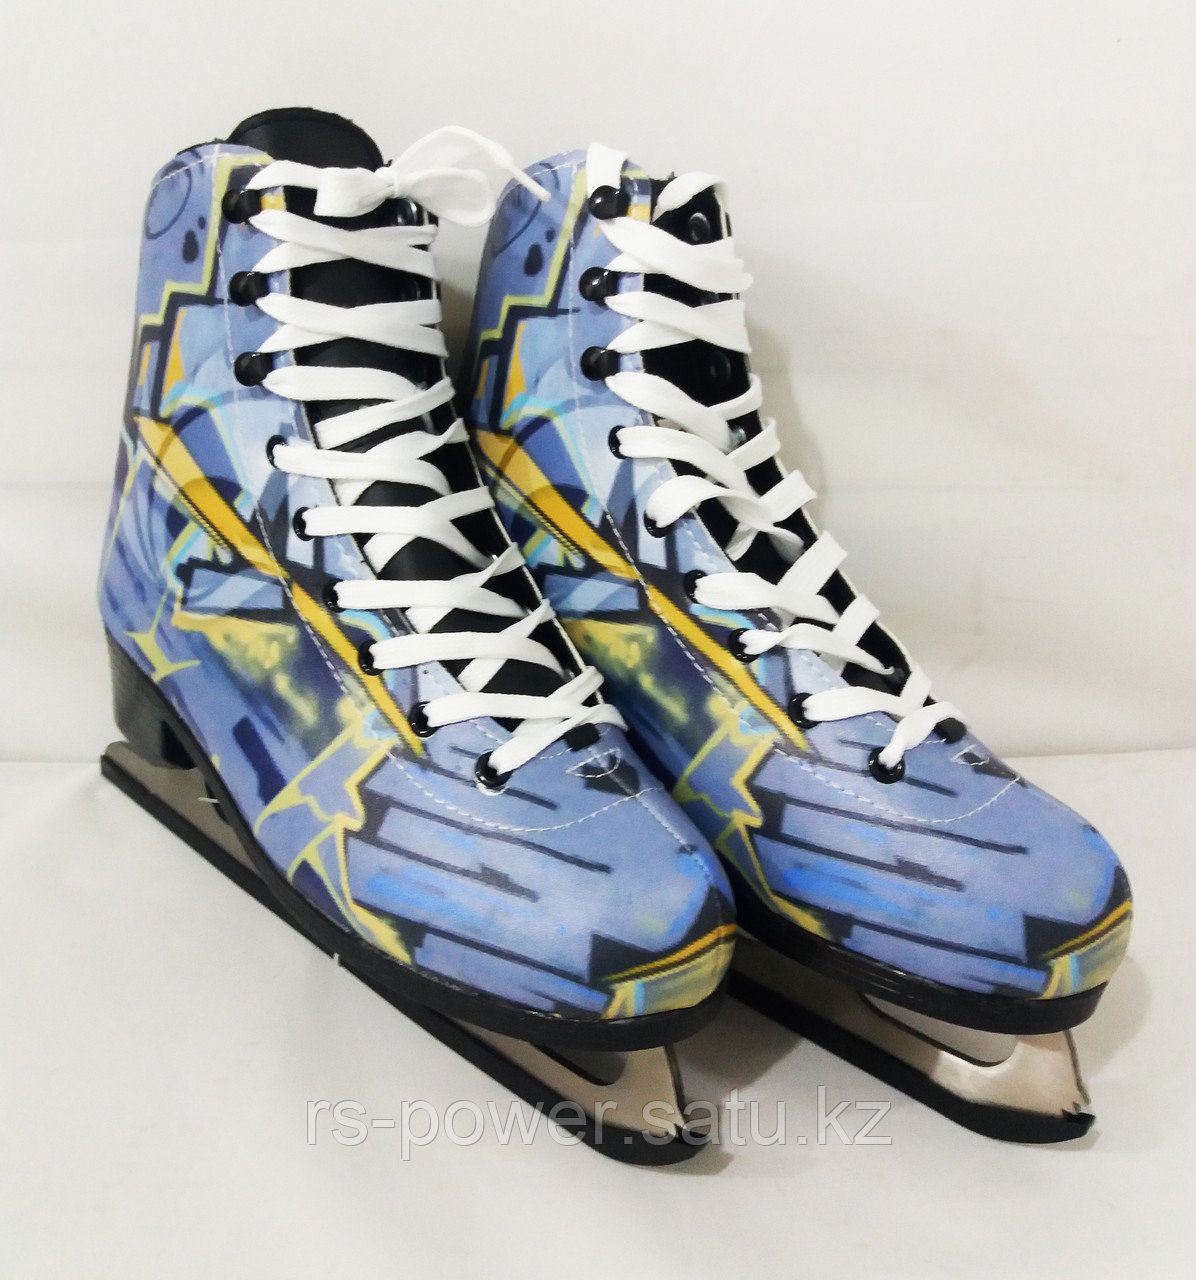 Фирменные фигурные коньки от Power Sports